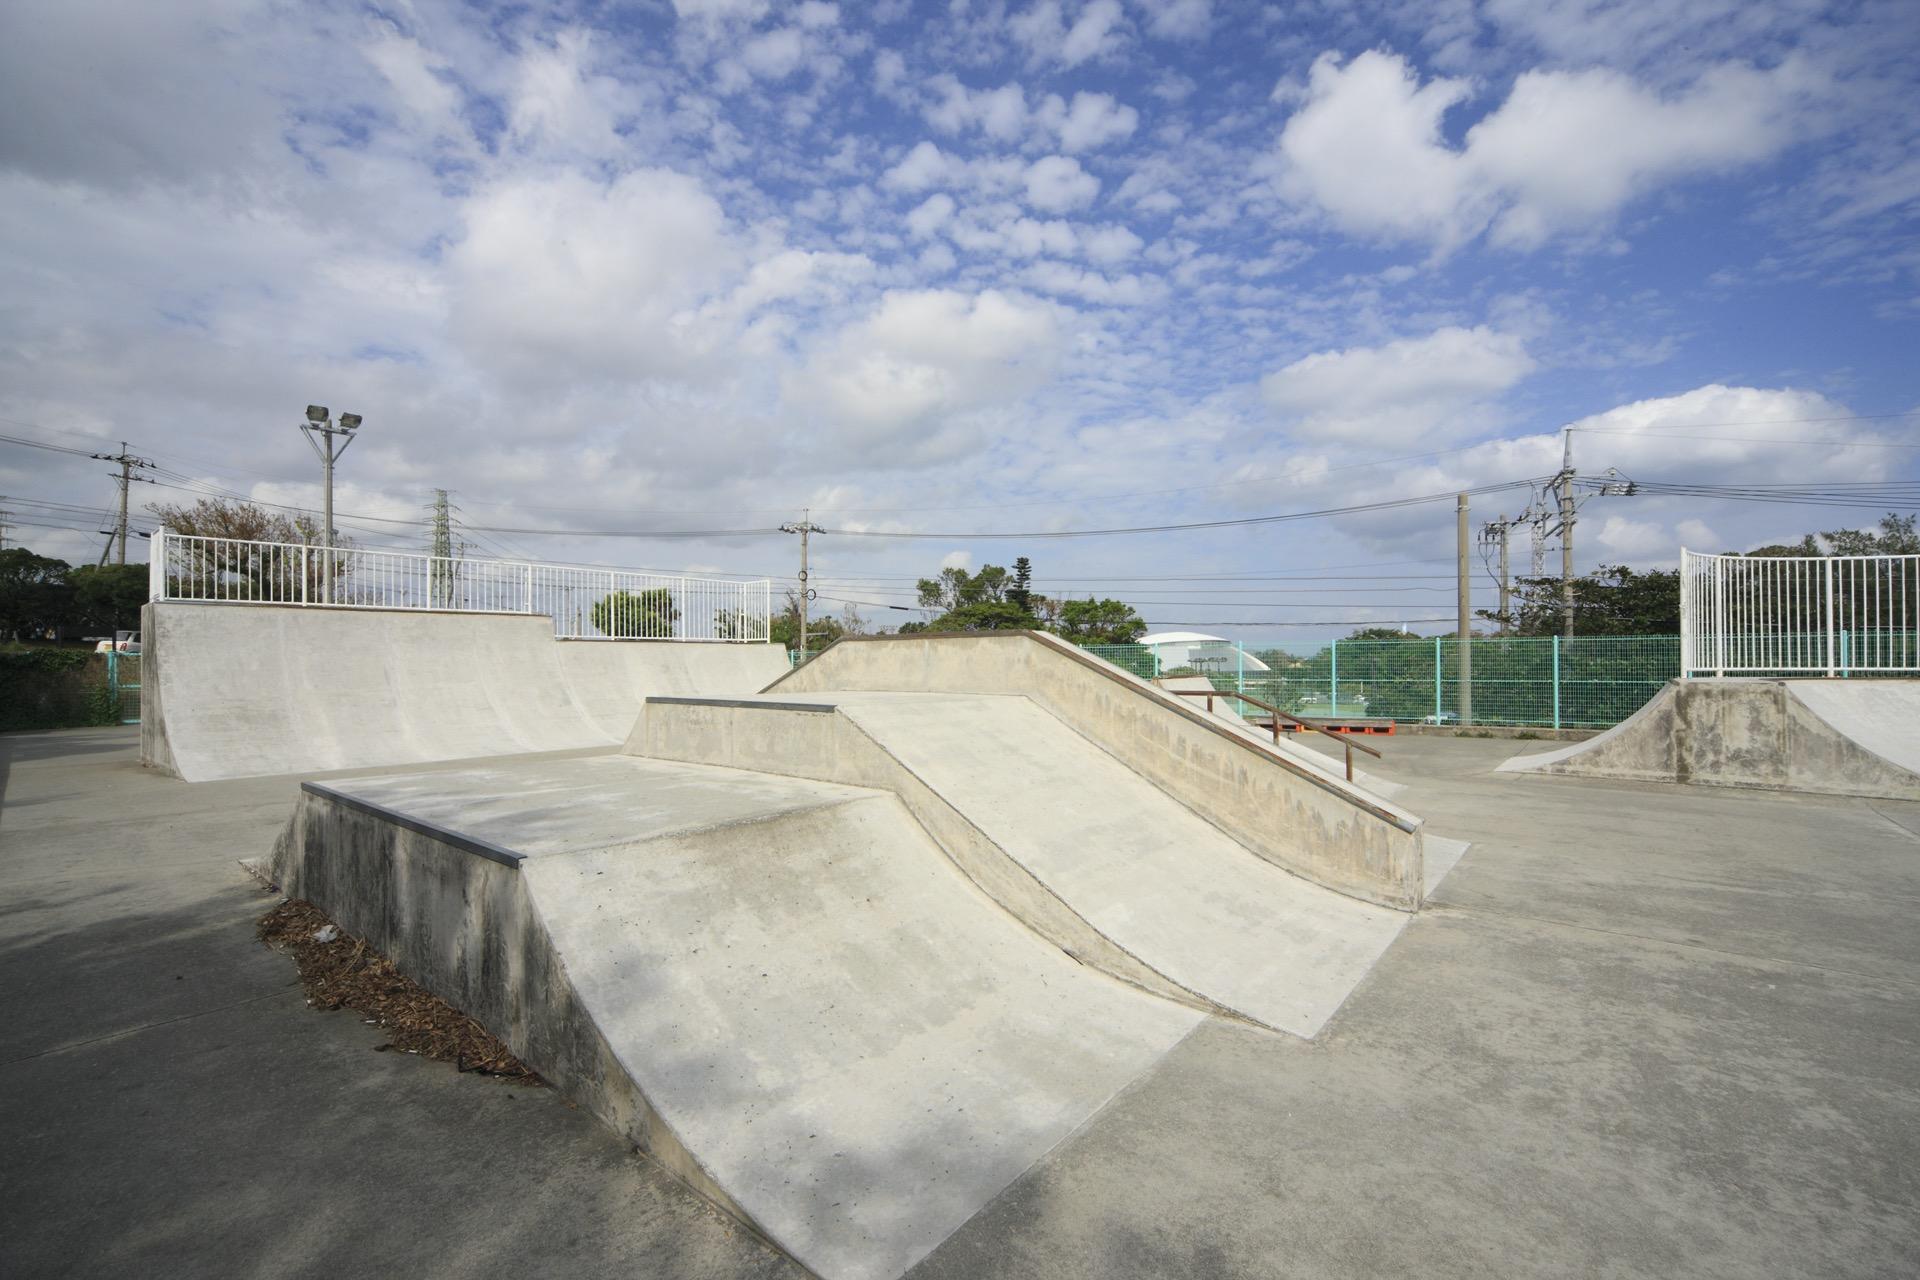 スケートボードパーク(うるま市具志川運動公園内)